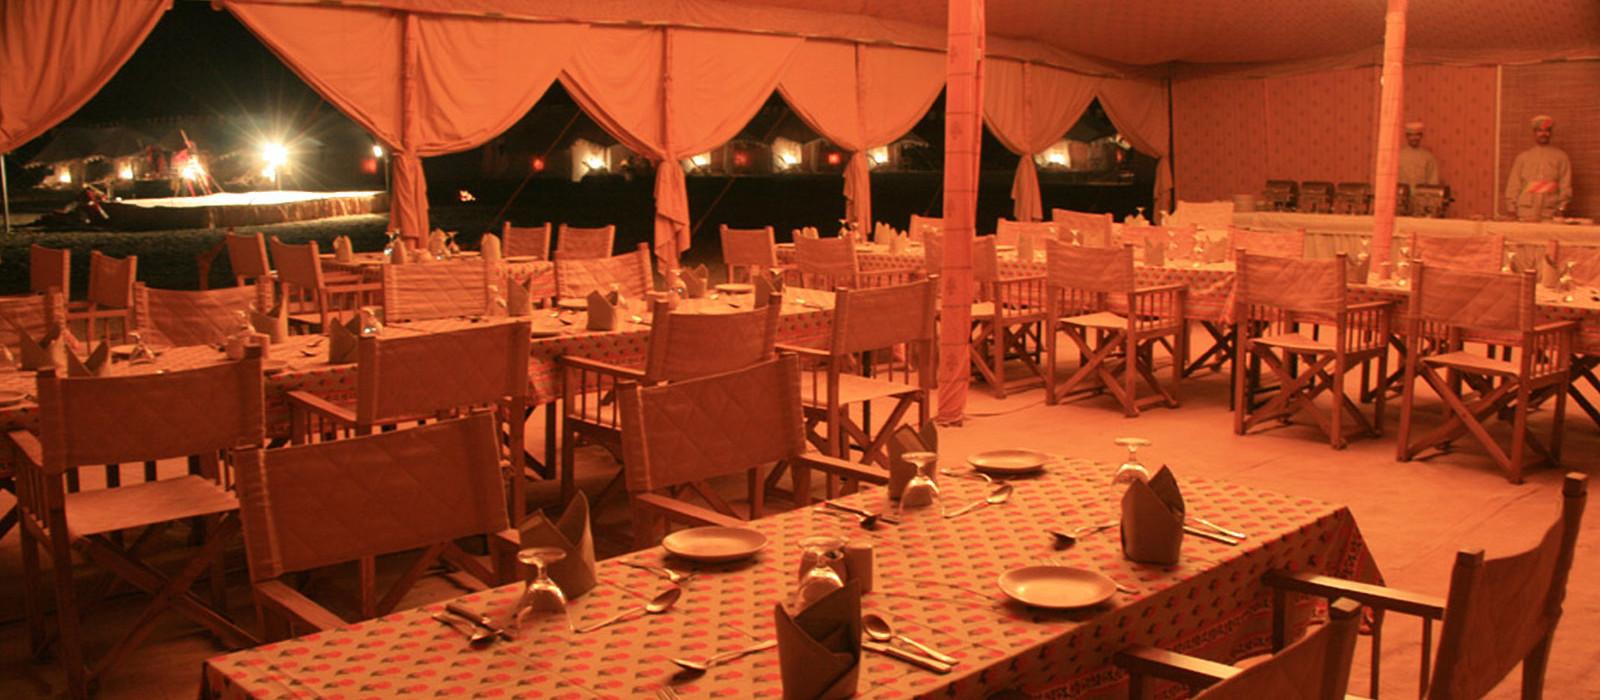 Hotel Royal Camp North India